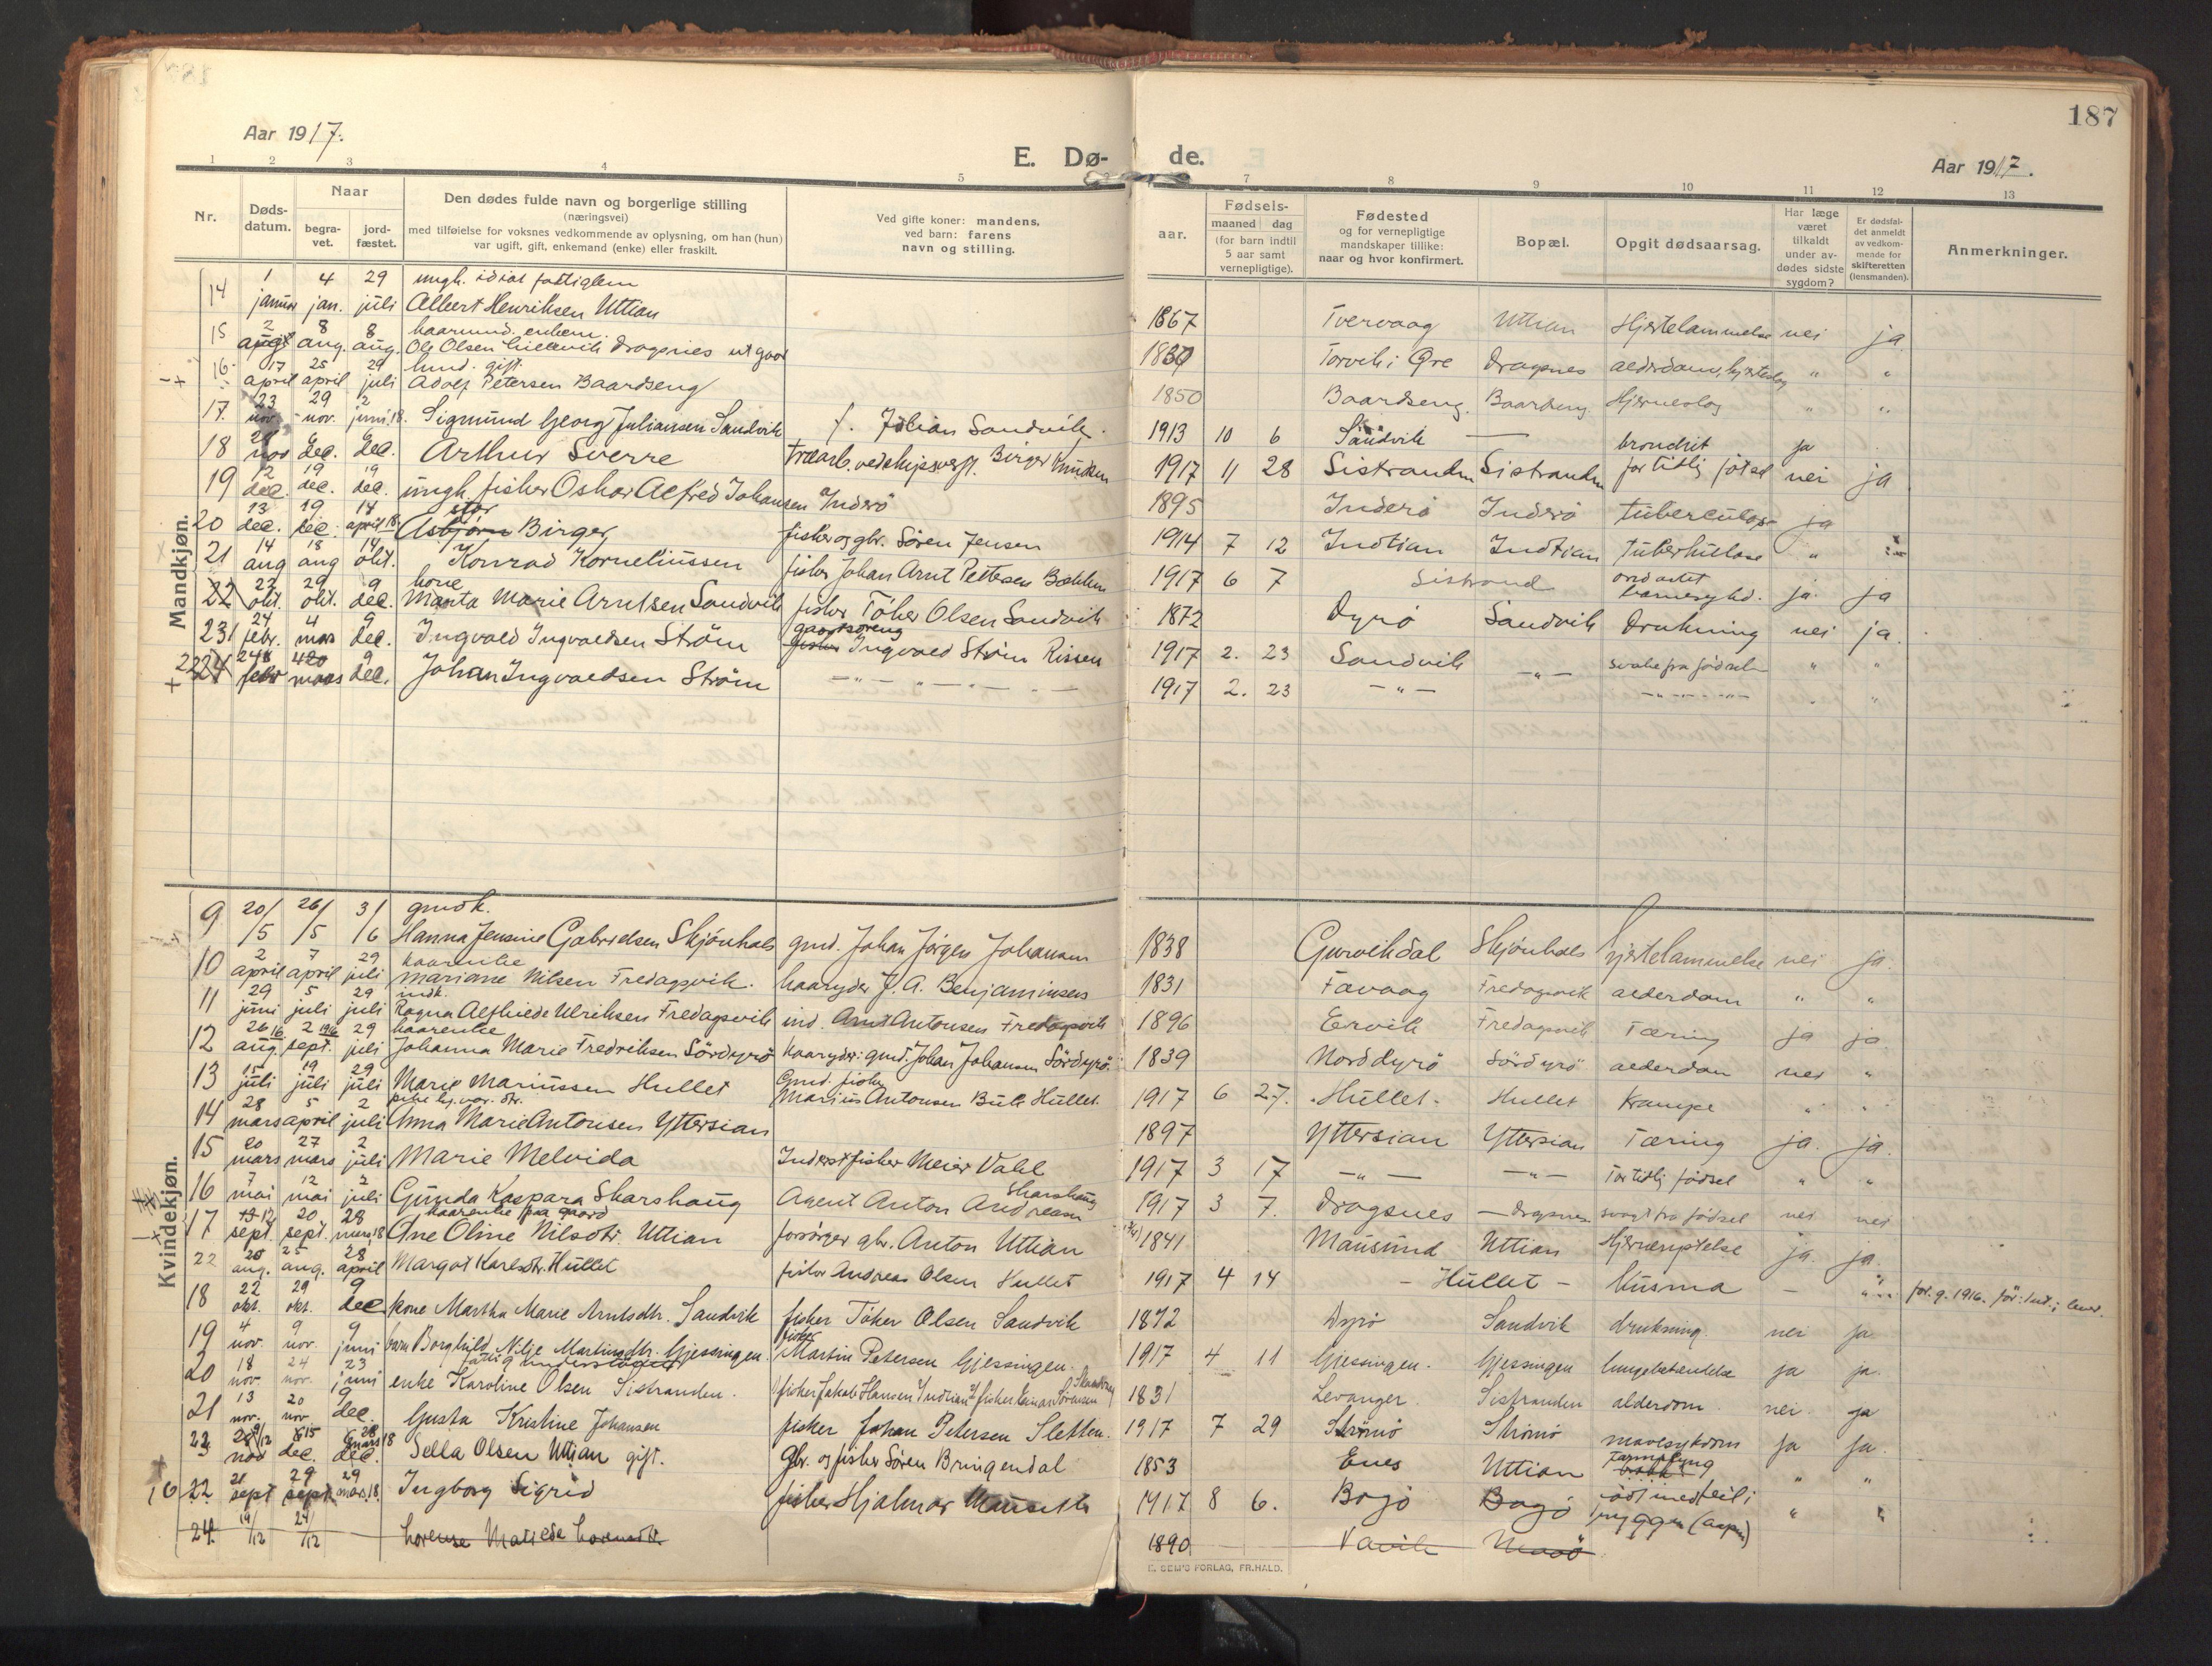 SAT, Ministerialprotokoller, klokkerbøker og fødselsregistre - Sør-Trøndelag, 640/L0581: Ministerialbok nr. 640A06, 1910-1924, s. 187